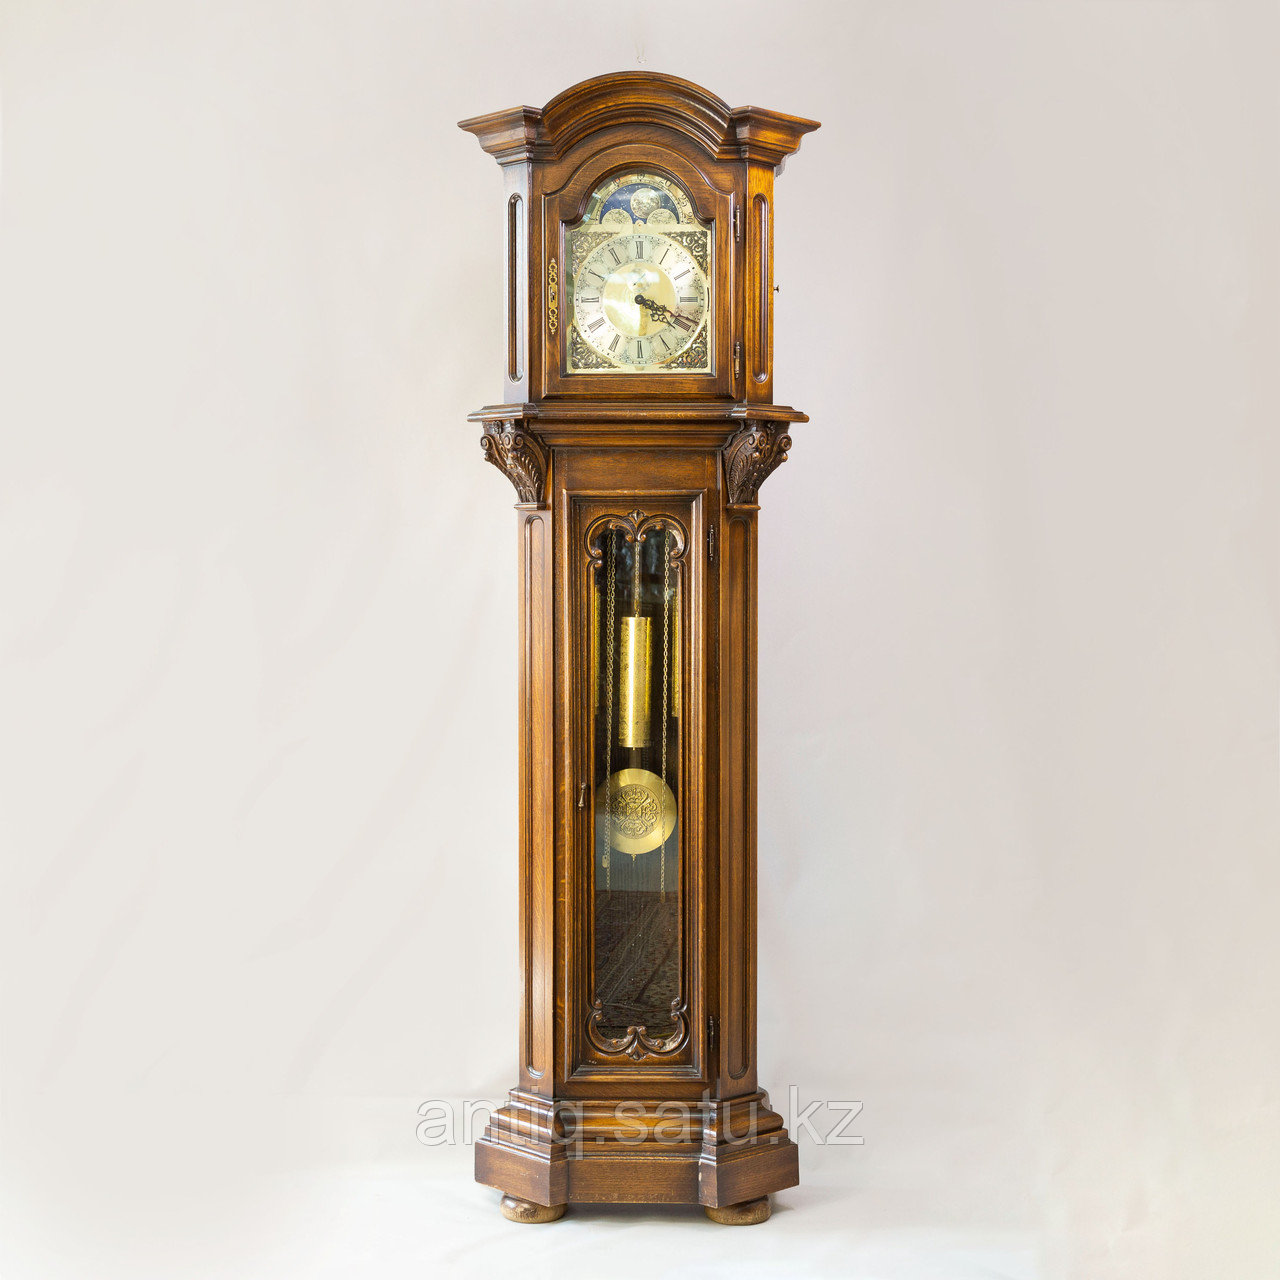 Напольные часы URGOS Германия - фото 1